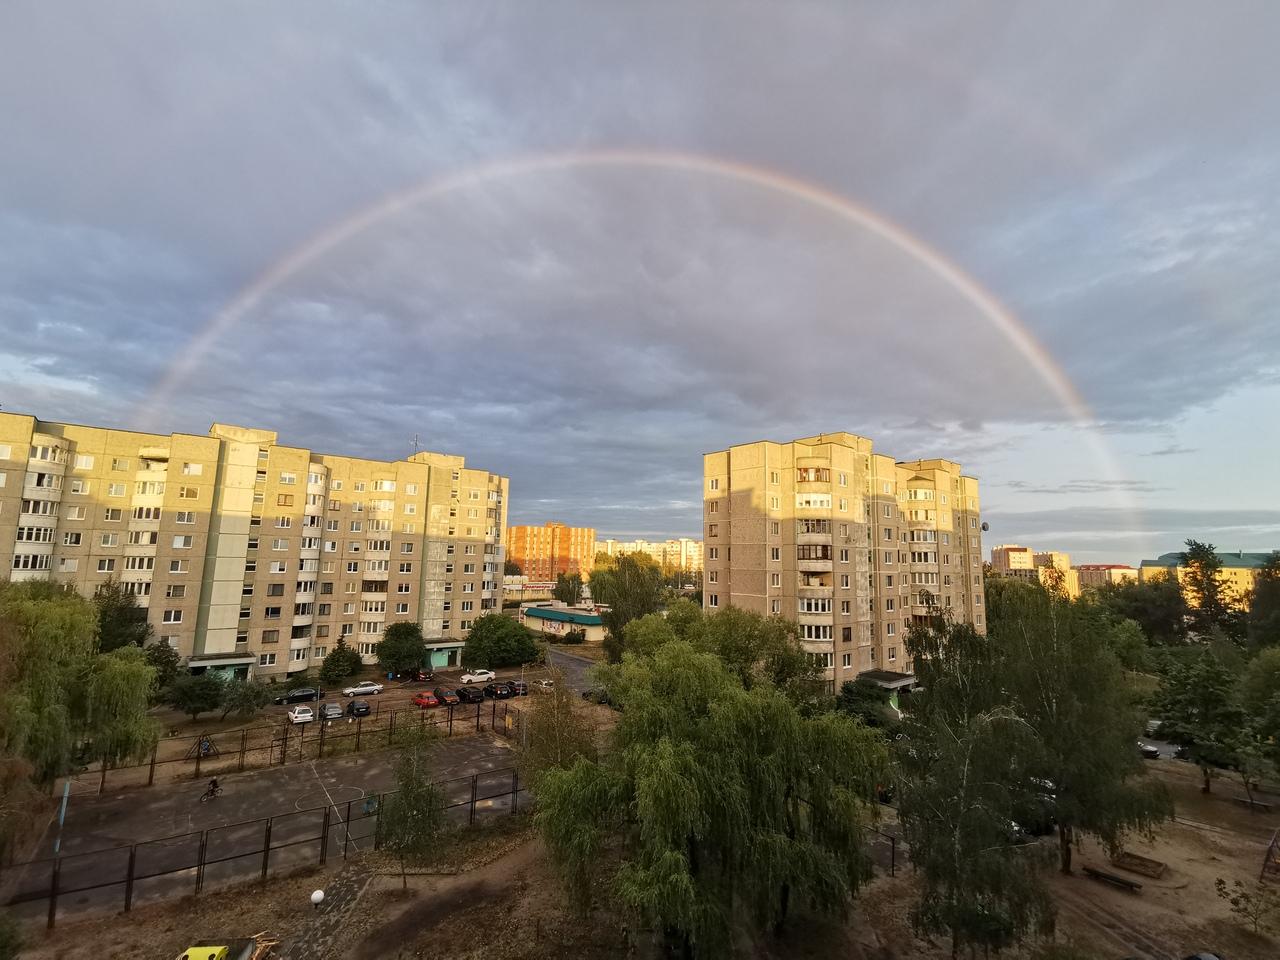 Двойная радуга была сегодня вечером над Брестом